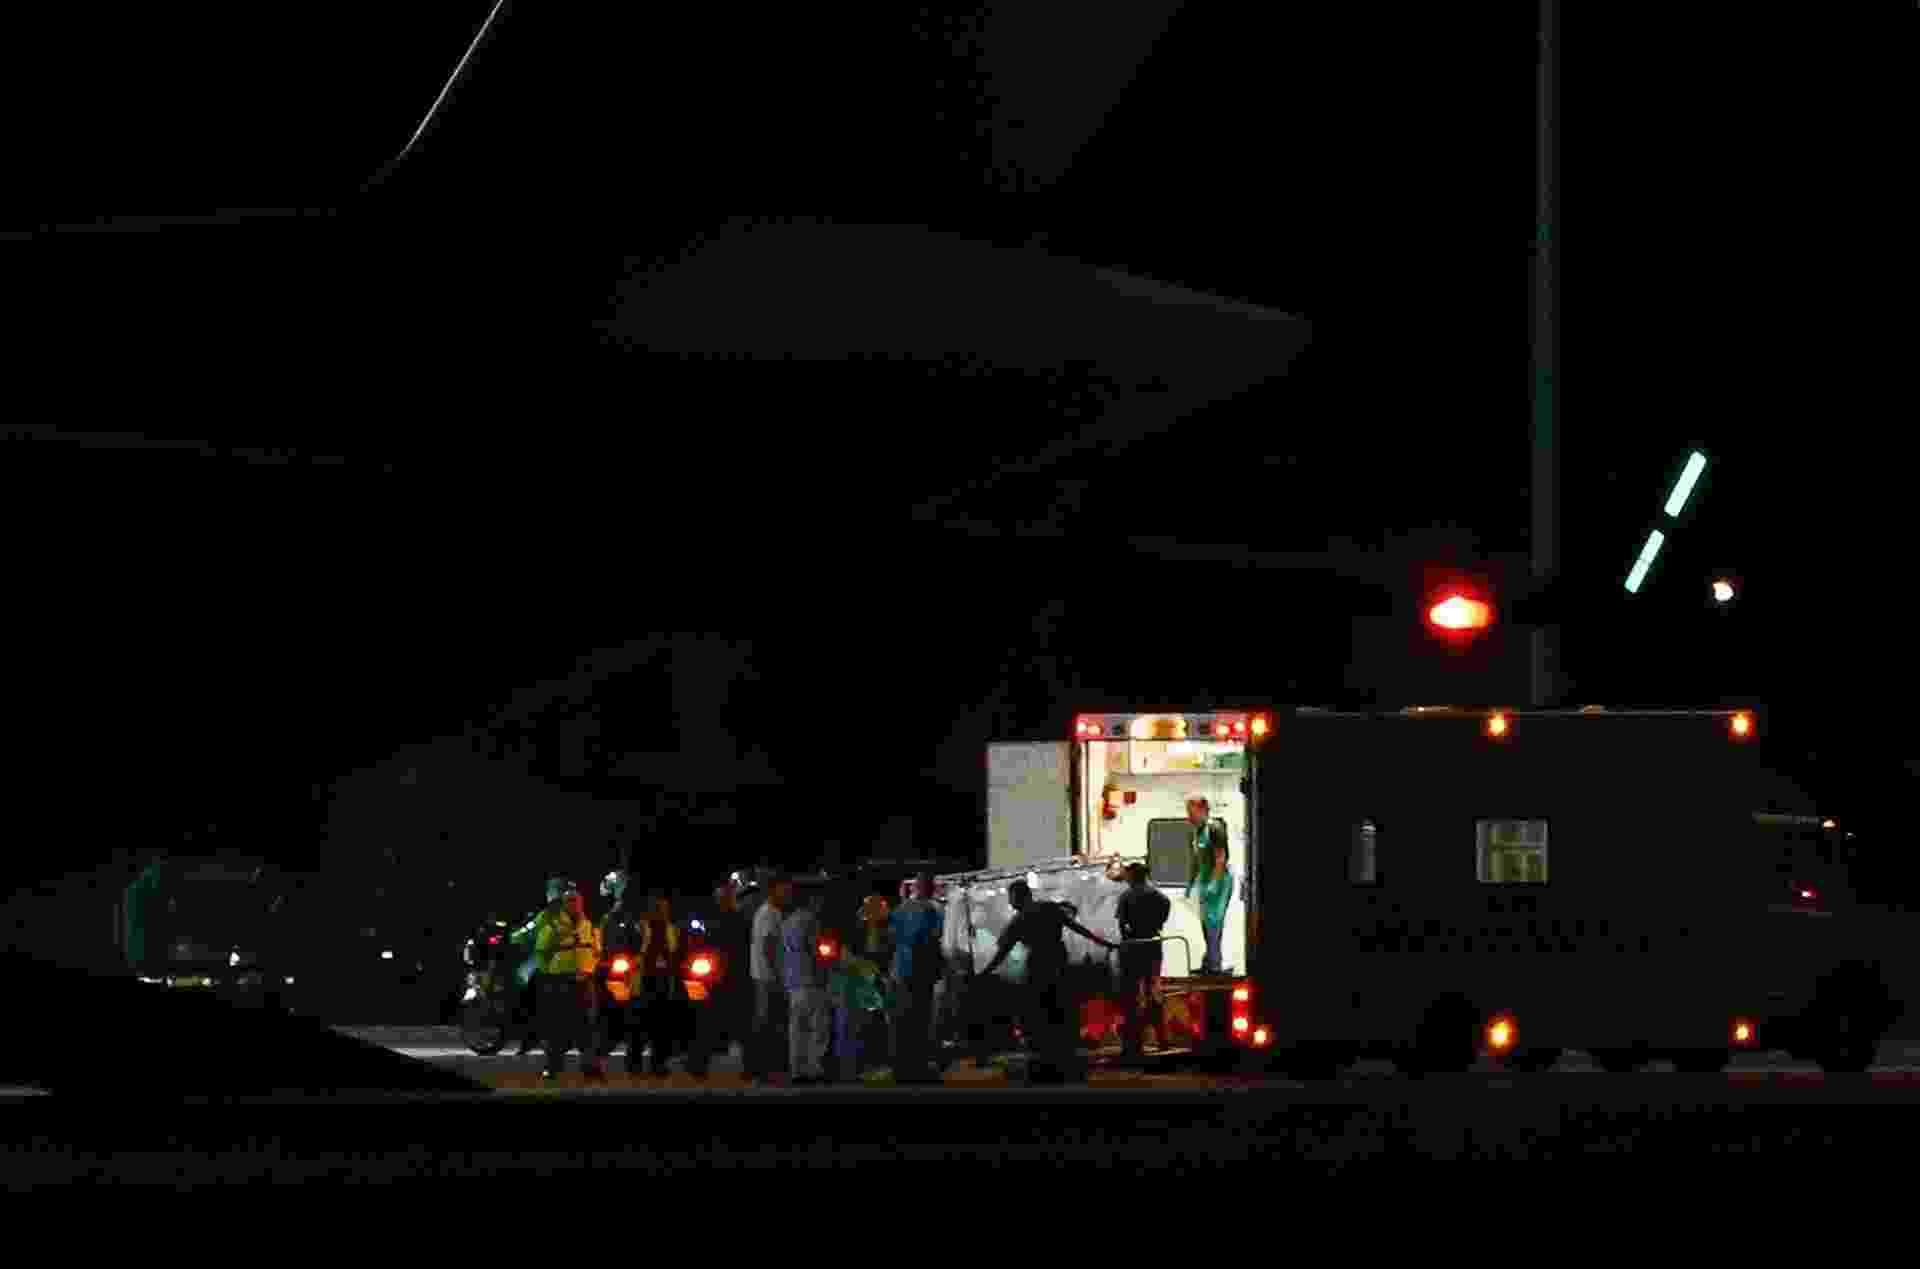 24.ago.2014 - Britânico infectado com vírus ebola chega a Londres neste domingo (24). O paciente foi transportado de Serra Leoa até seu país de origem em um avião ambulância da Força Aérea Real. O britânico fazia parte de uma equipe médica de uma ONG e é considerado o primeiro cidadão dessa nacionalidade a ser infectado pelo vírus, desde o início da epidemia em março - Andrew Winning/Reuters